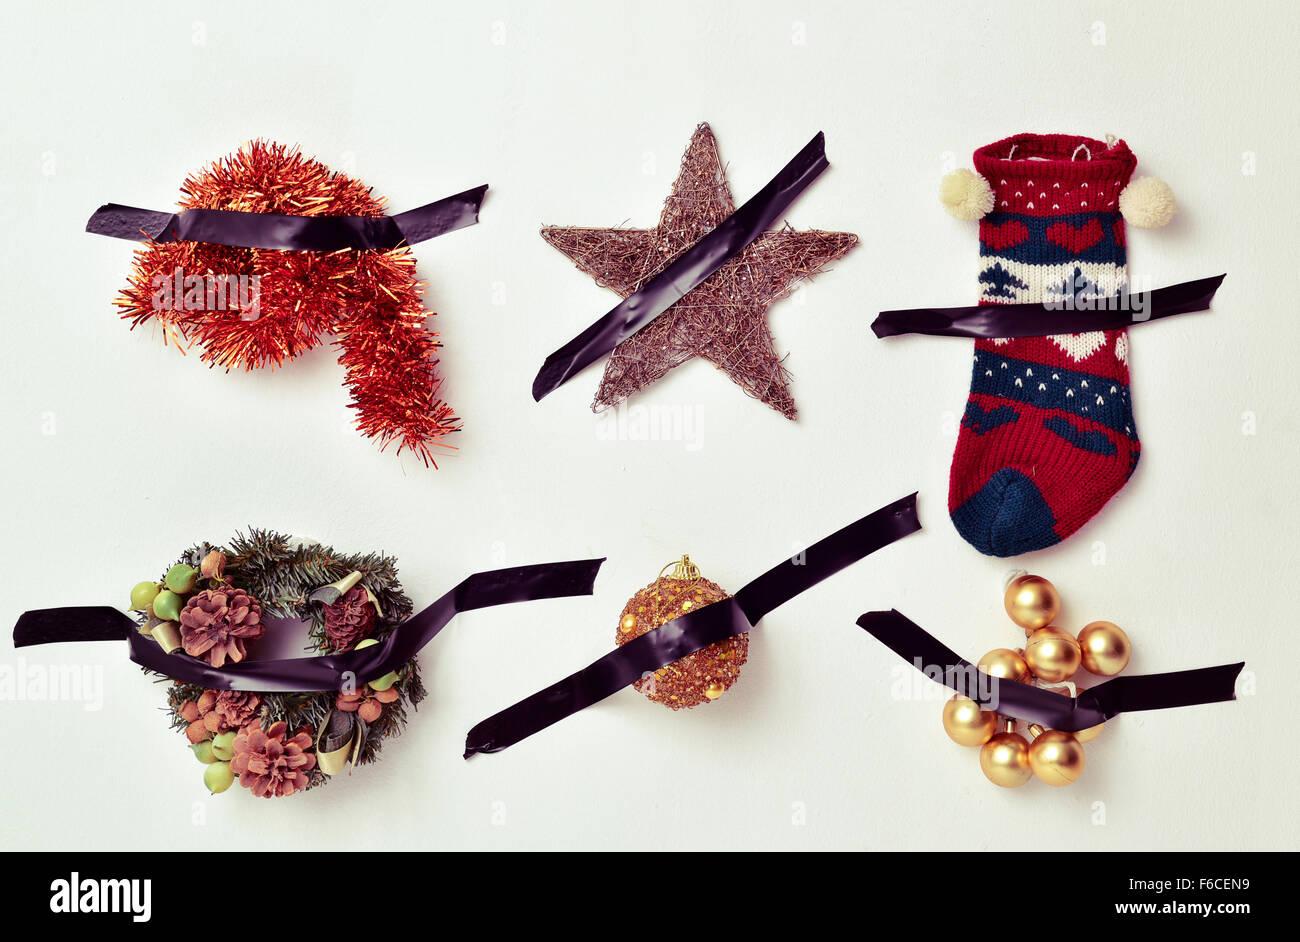 einige verschiedene Weihnachtsschmuck wie Lametta, einen Stern, einen Strumpf oder Kugeln, an einer weißen Stockbild